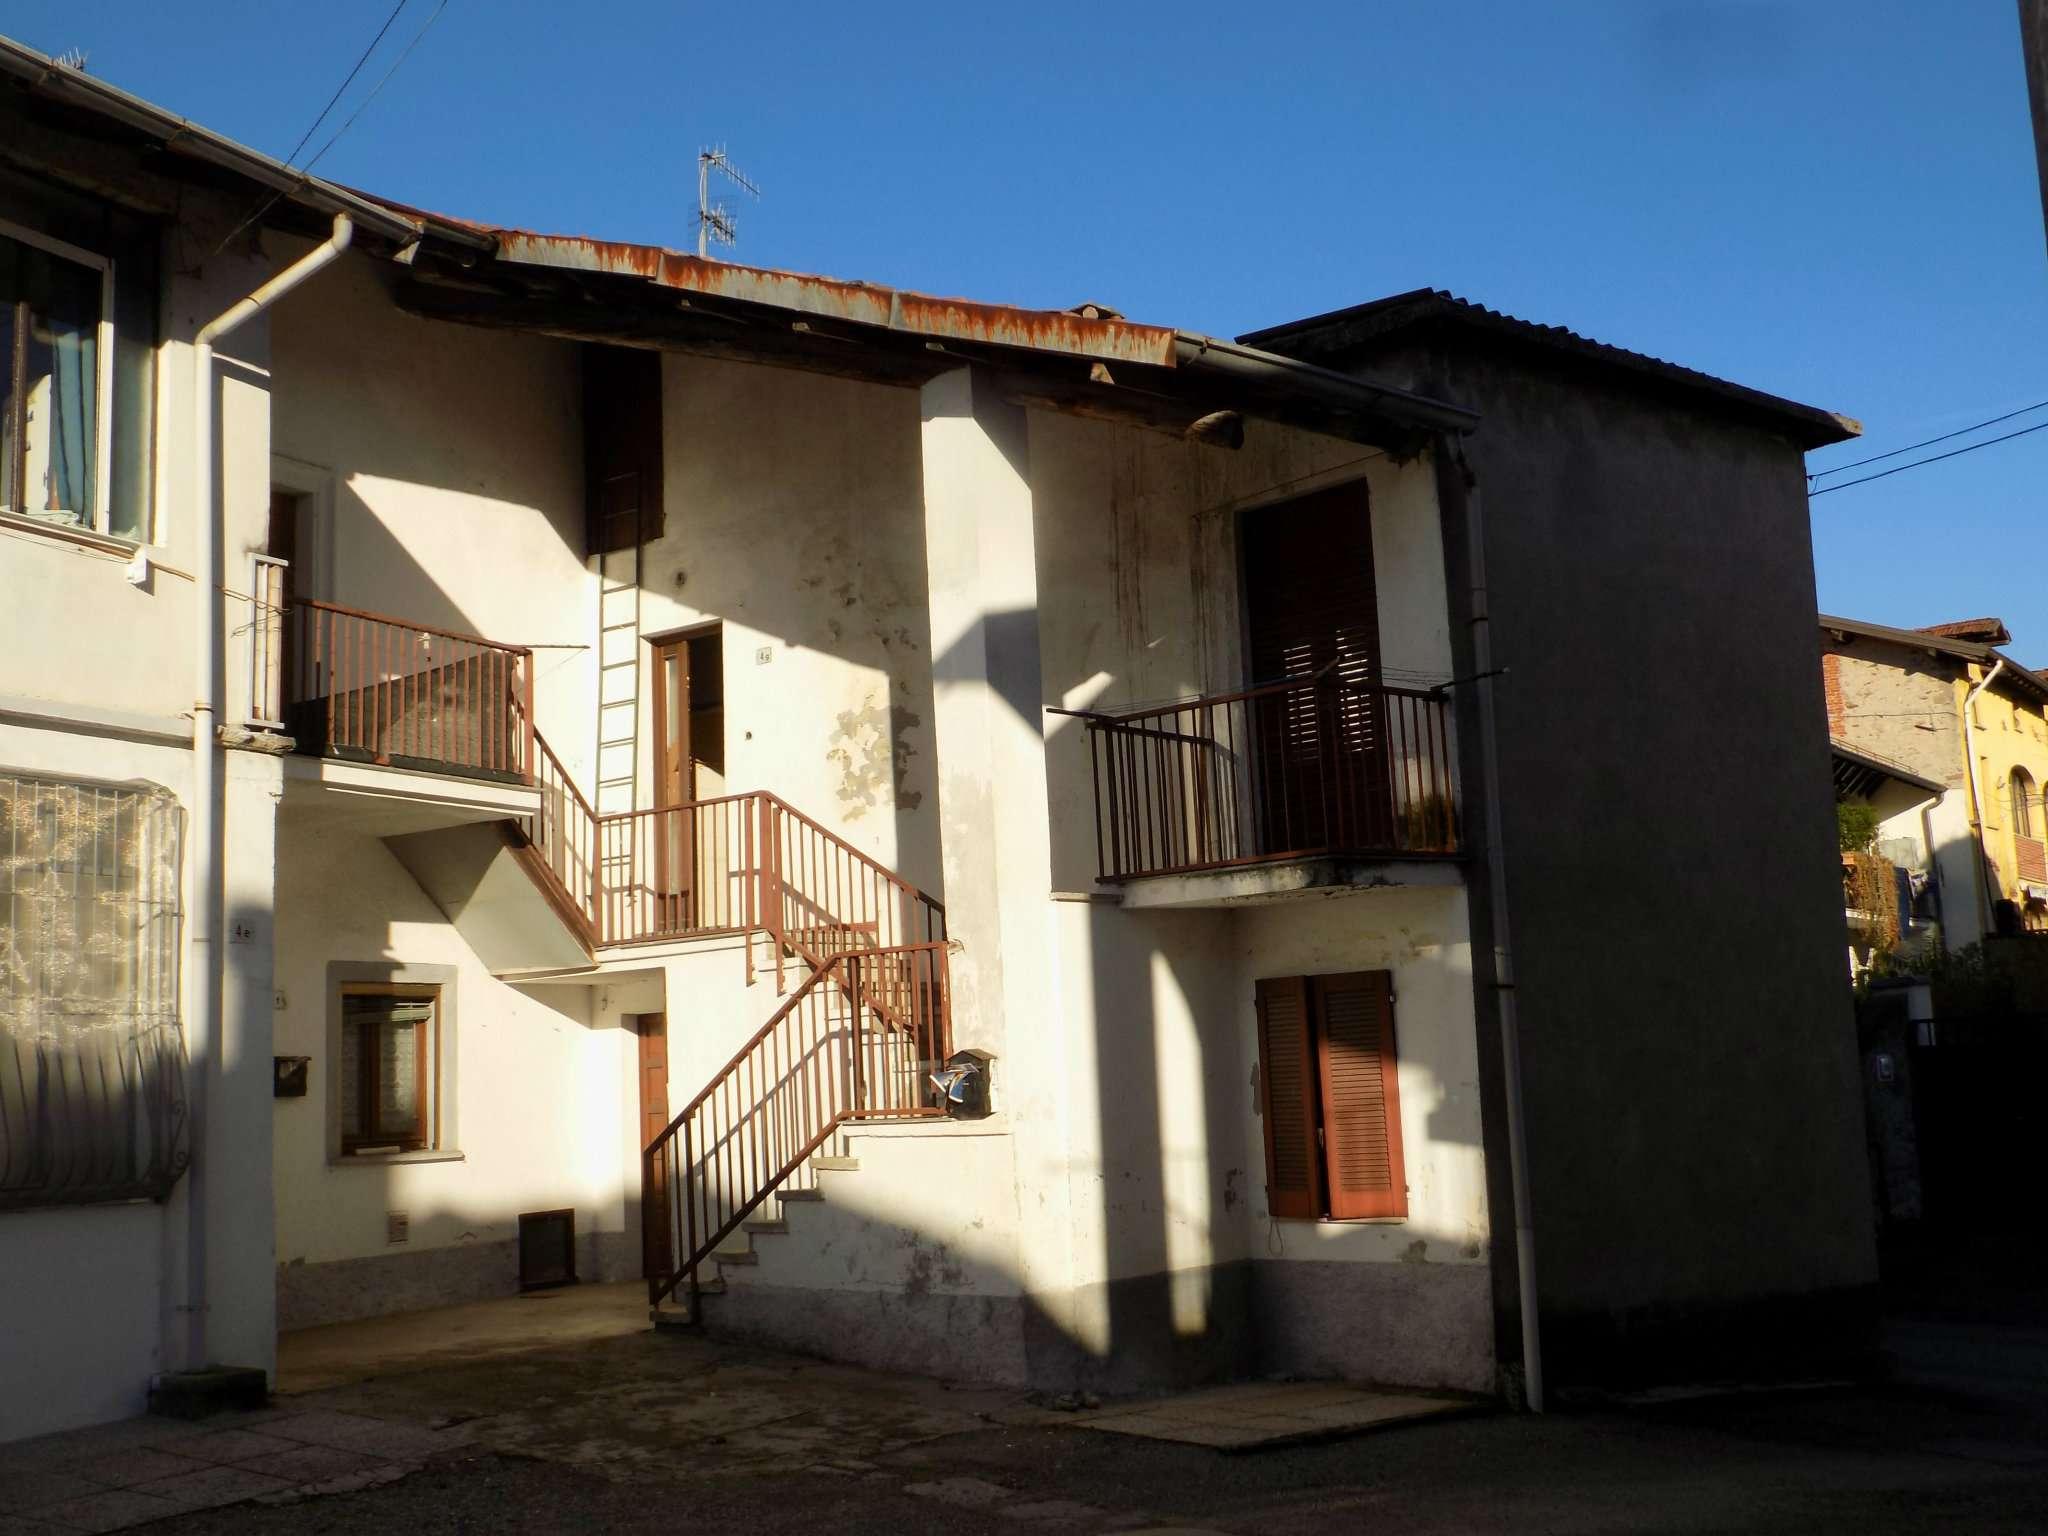 Appartamento in vendita a Biandronno, 3 locali, prezzo € 38.000 | Cambio Casa.it